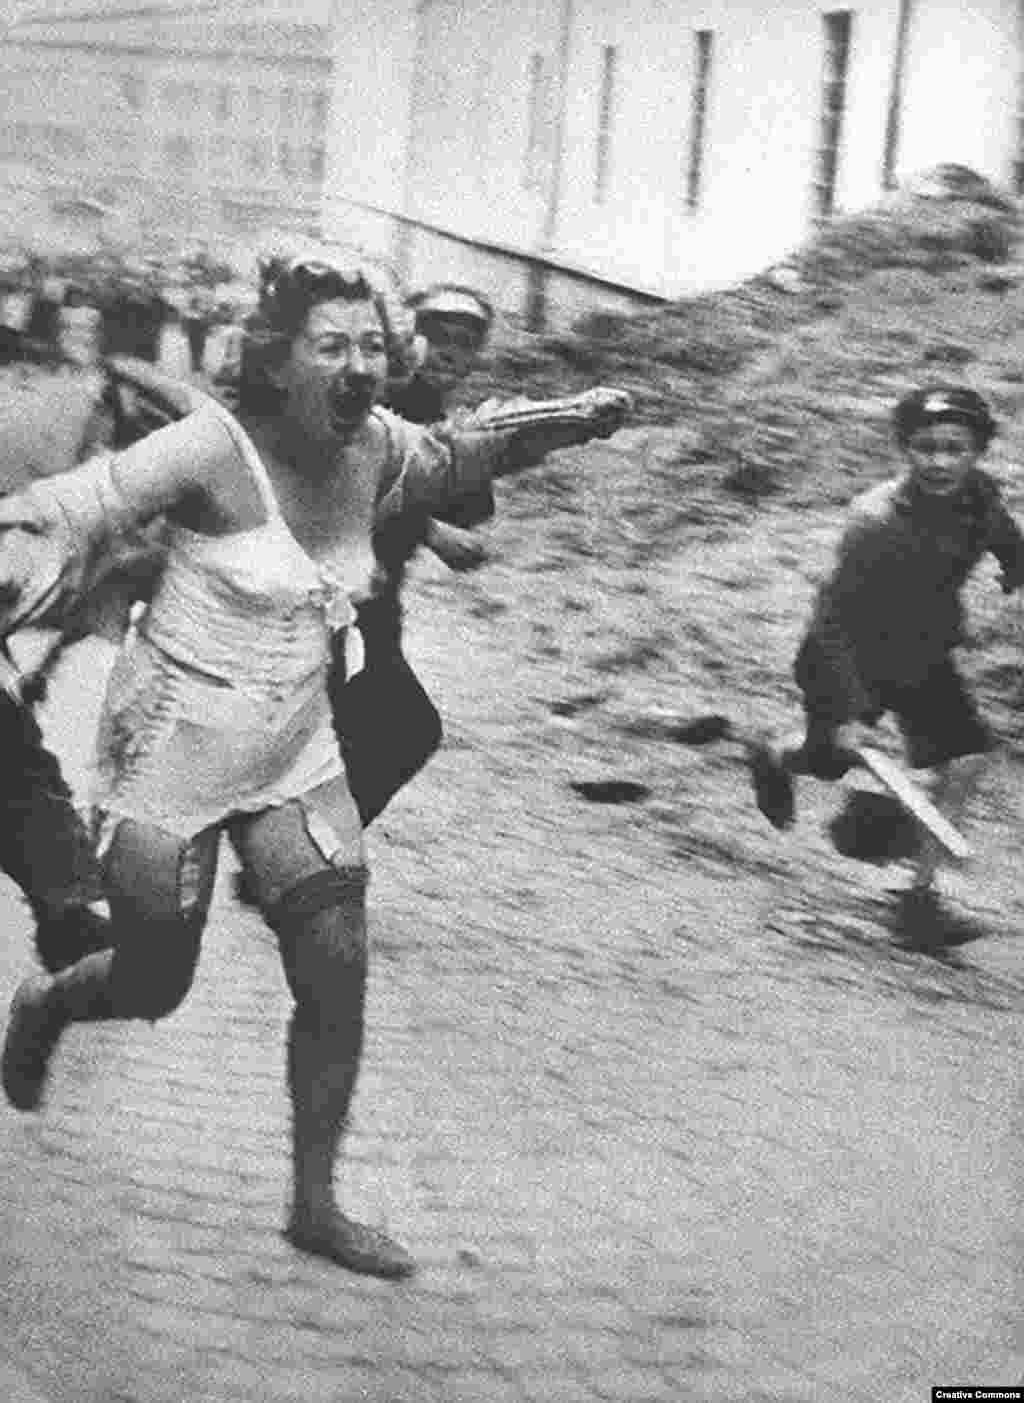 При активной поддержке нацистов против украинских евреев начался террор. Эта женщина бежит от толпы в Львове. Тысячи евреев были зачены и убиты во время погромов в Центральной и Восточной Европе.